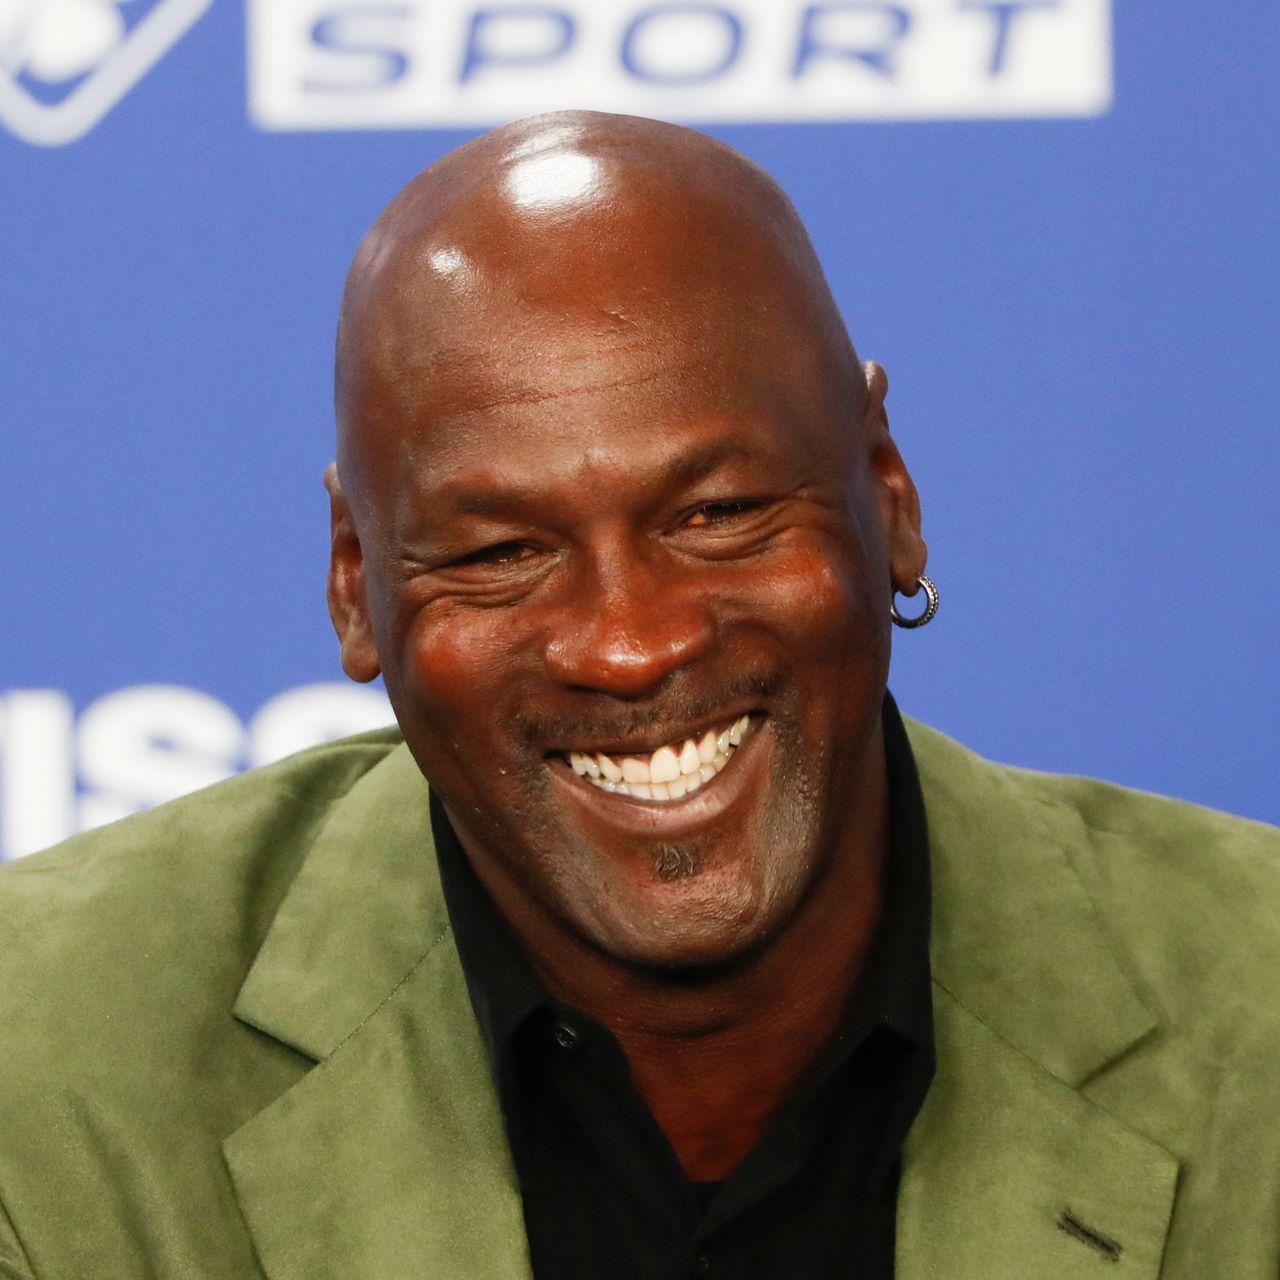 Michael Jordan Gets Equity Stake in DraftKings